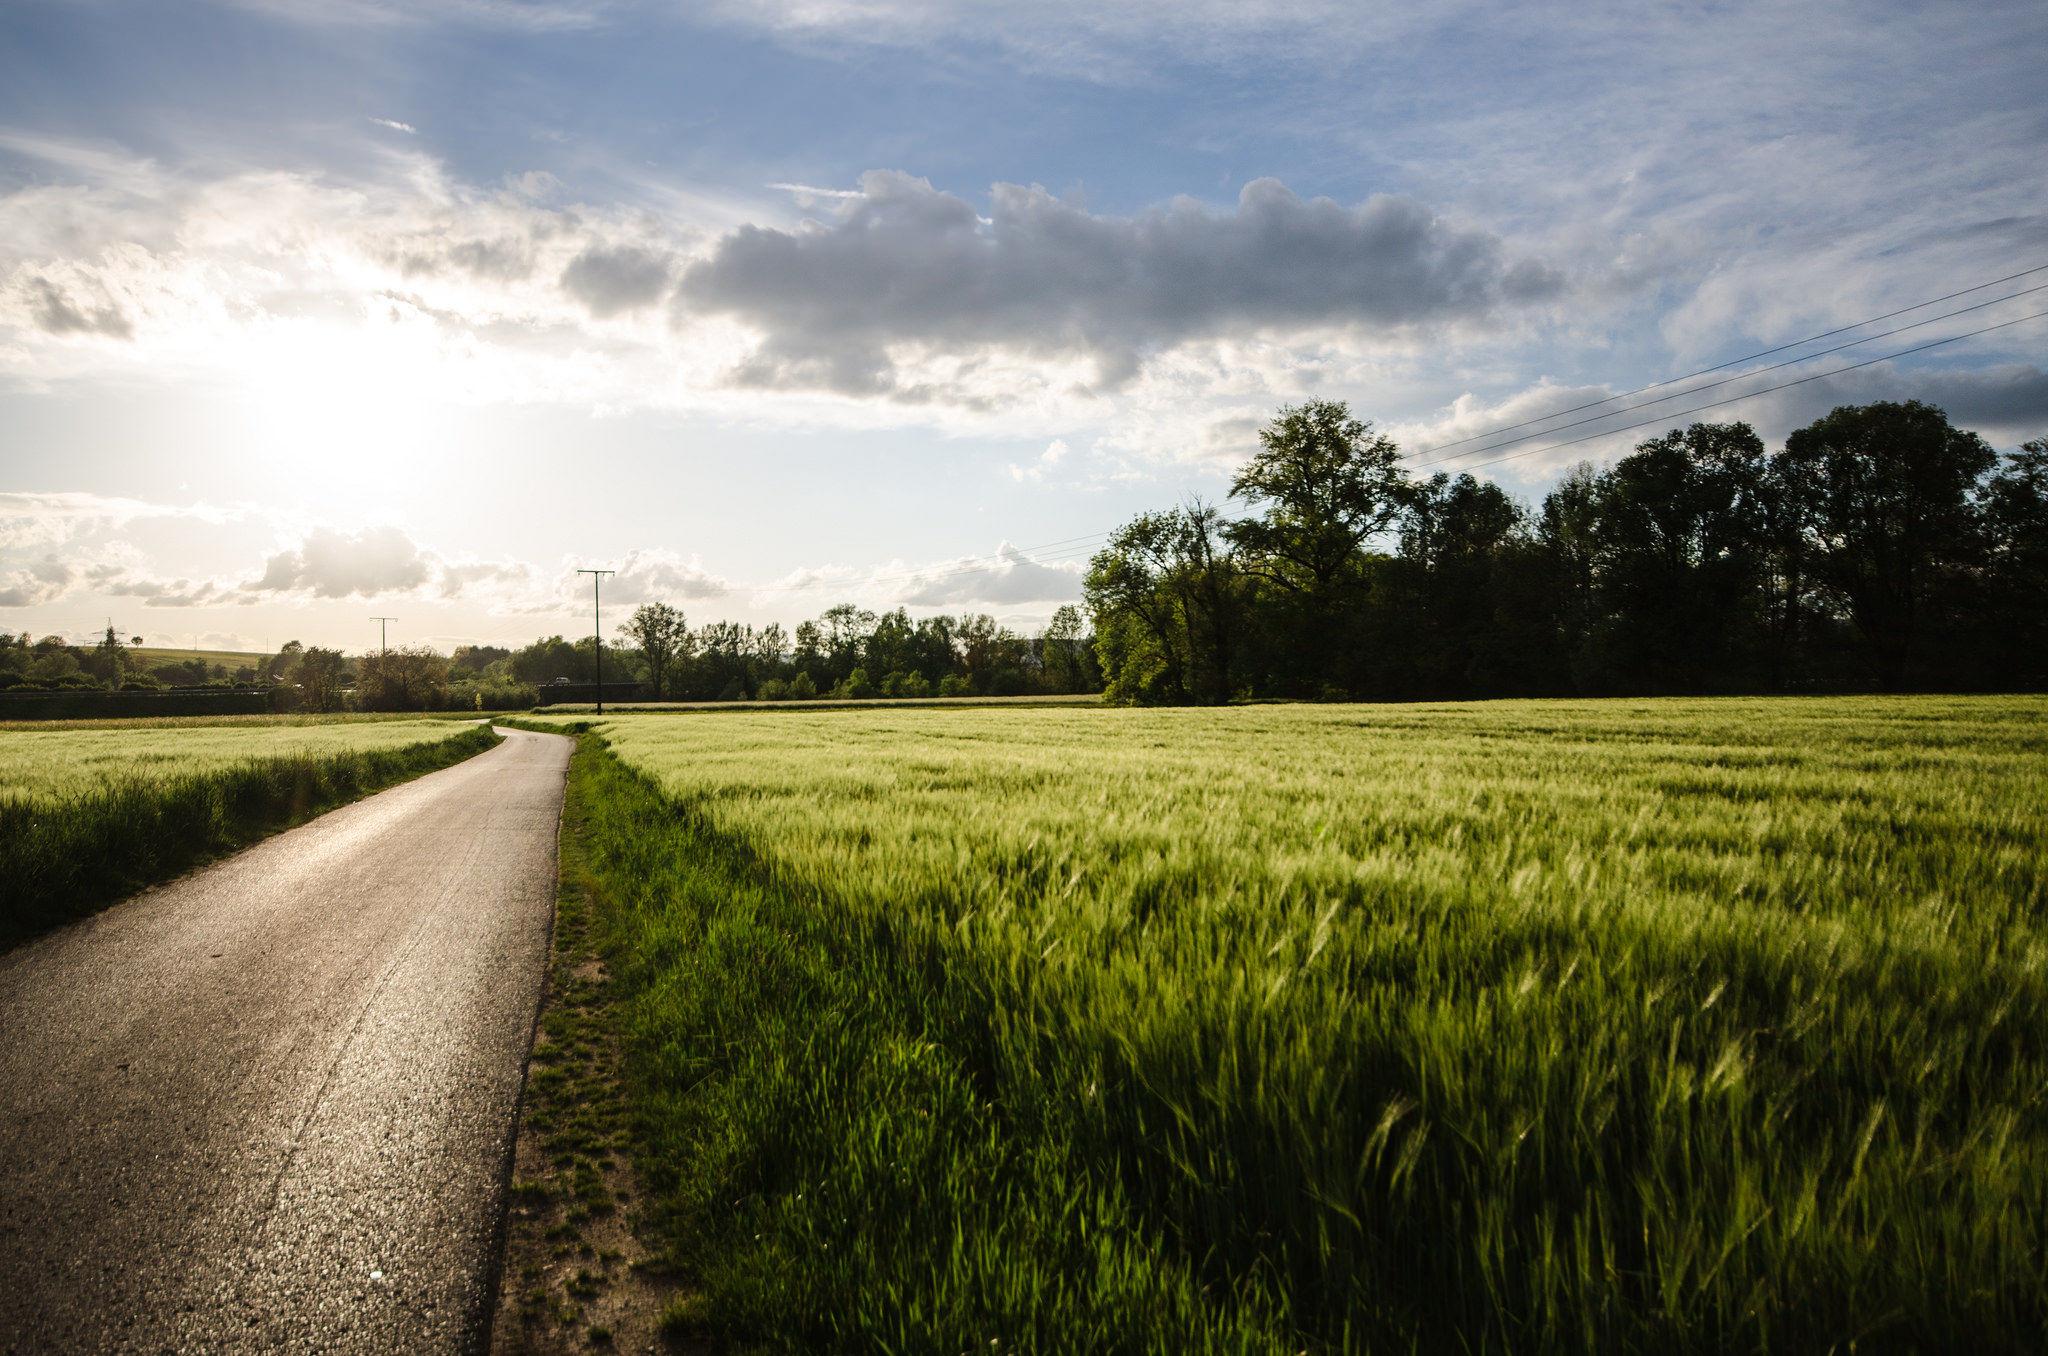 Natur Landschaft Deutschland Gestaltung Beeinflussung